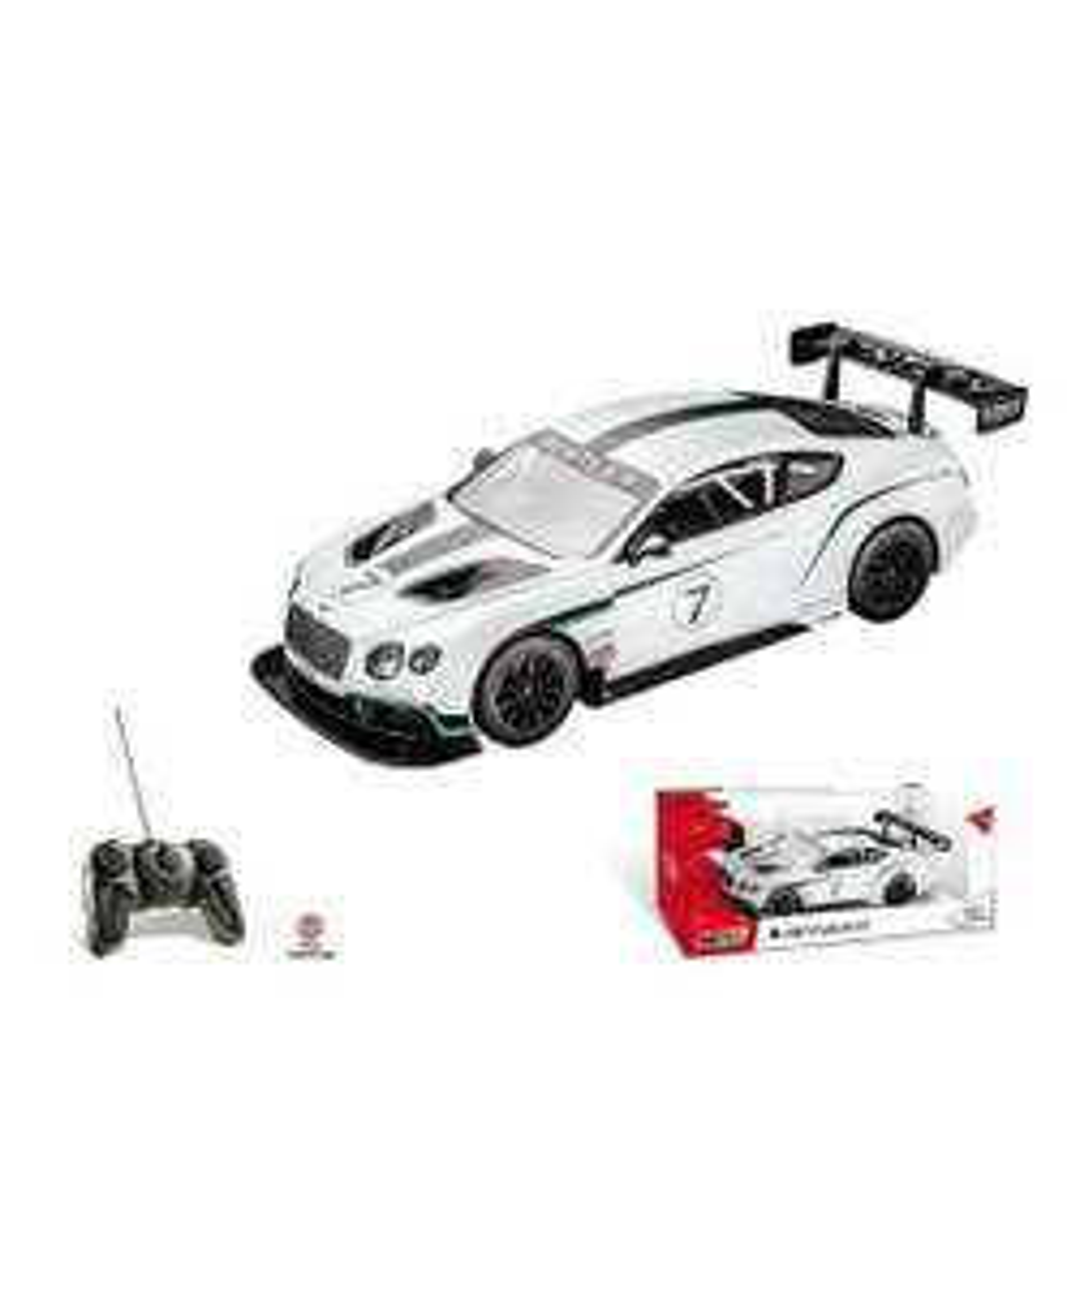 Voiture télécommandée Mondo Motors Bentley GT3 - Blanche, Echelle 1:14